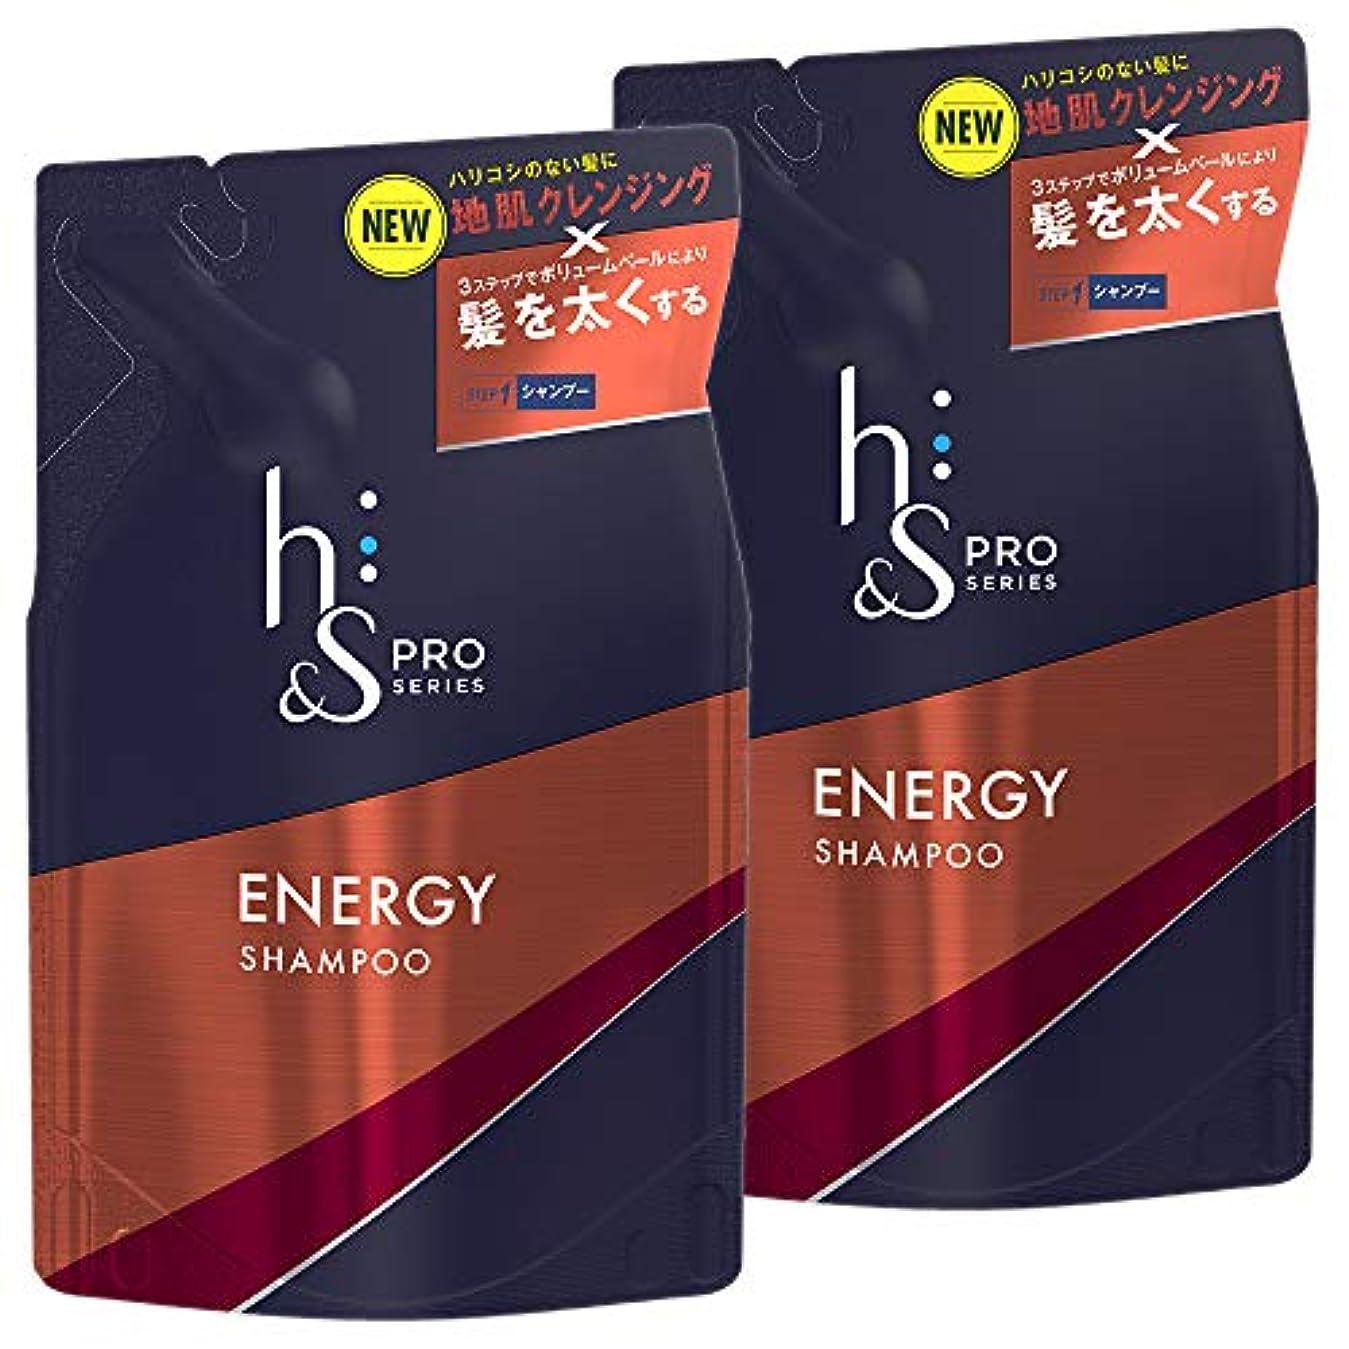 アルカイック出発する便益【まとめ買い】 h&s for men シャンプー PRO Series エナジー 詰め替え 300mL×2個